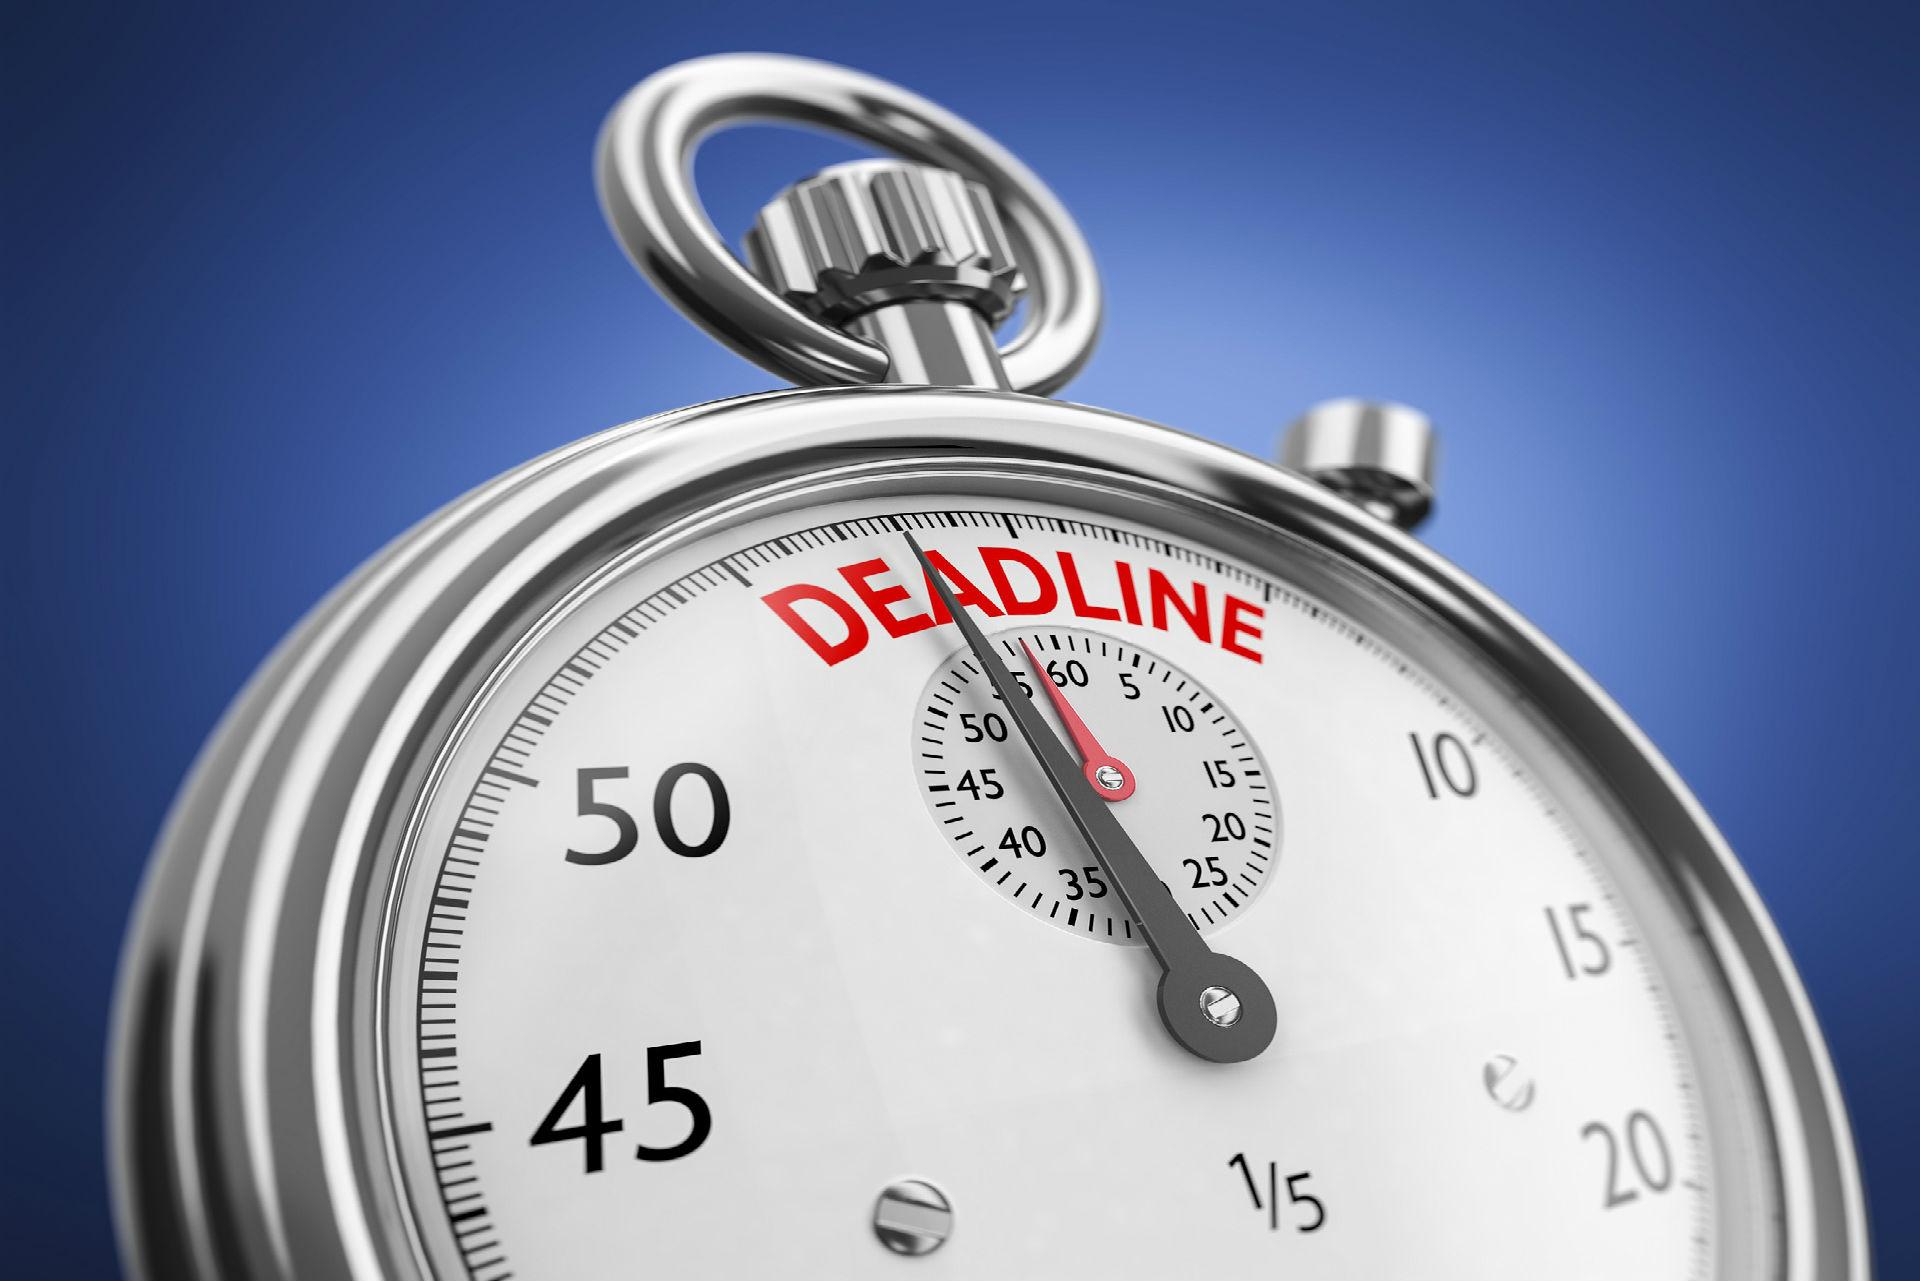 SQL Server Processor to Core Conversion Grant Deadline